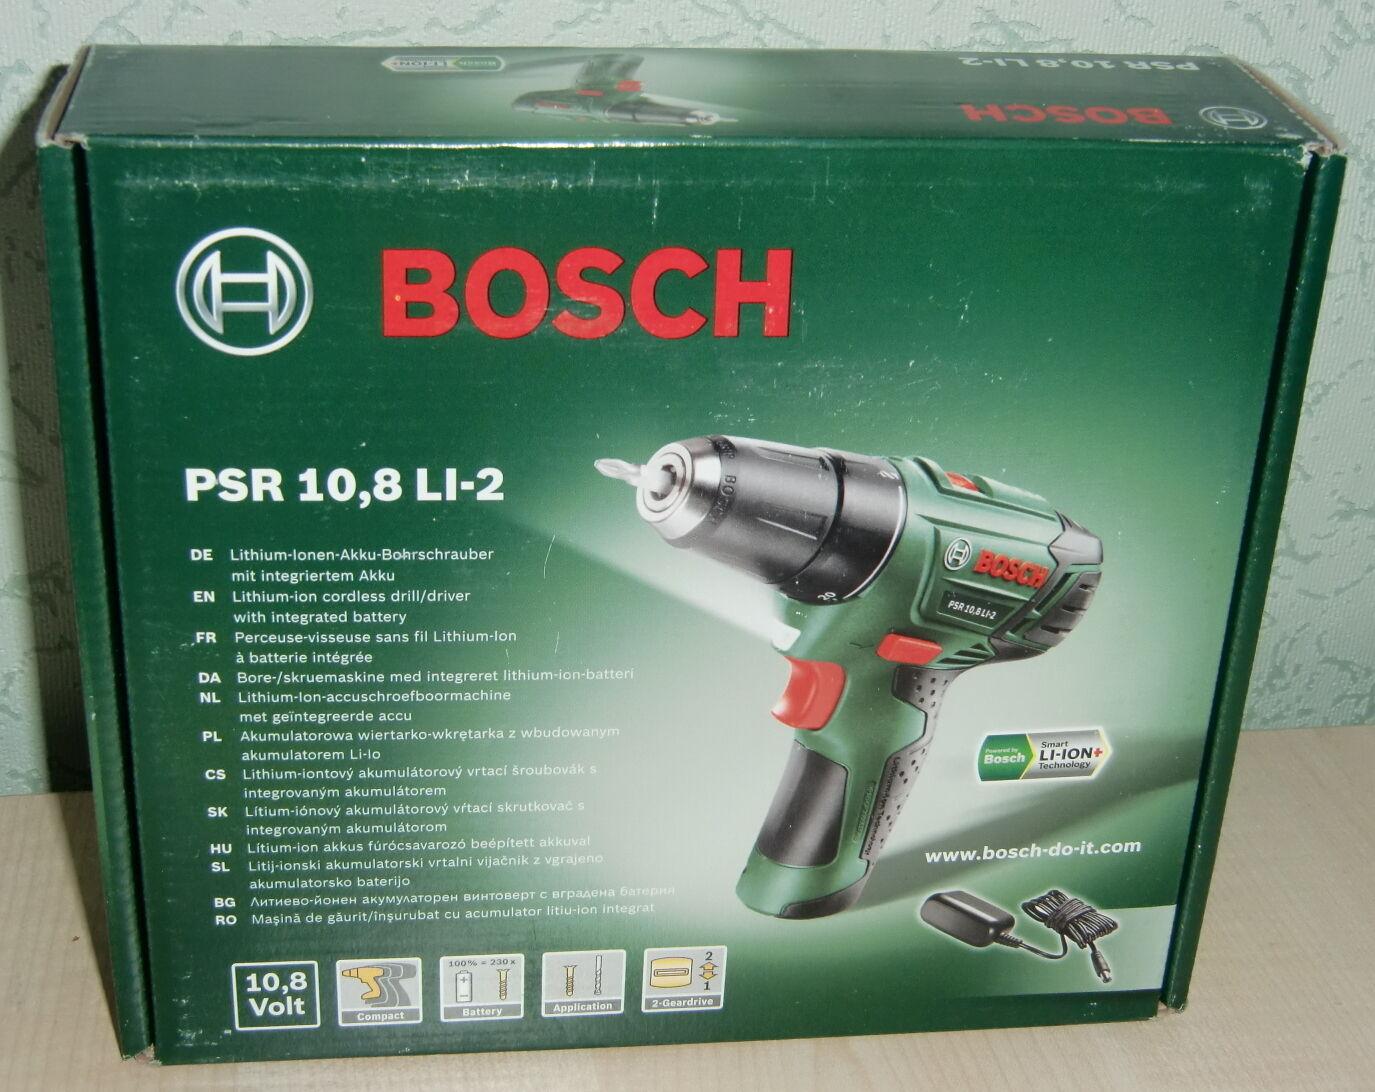 Bosch, PSR 10,8 LI-2, Lithium-Ionen-Akku-Bohrschrauber, neu und ovp